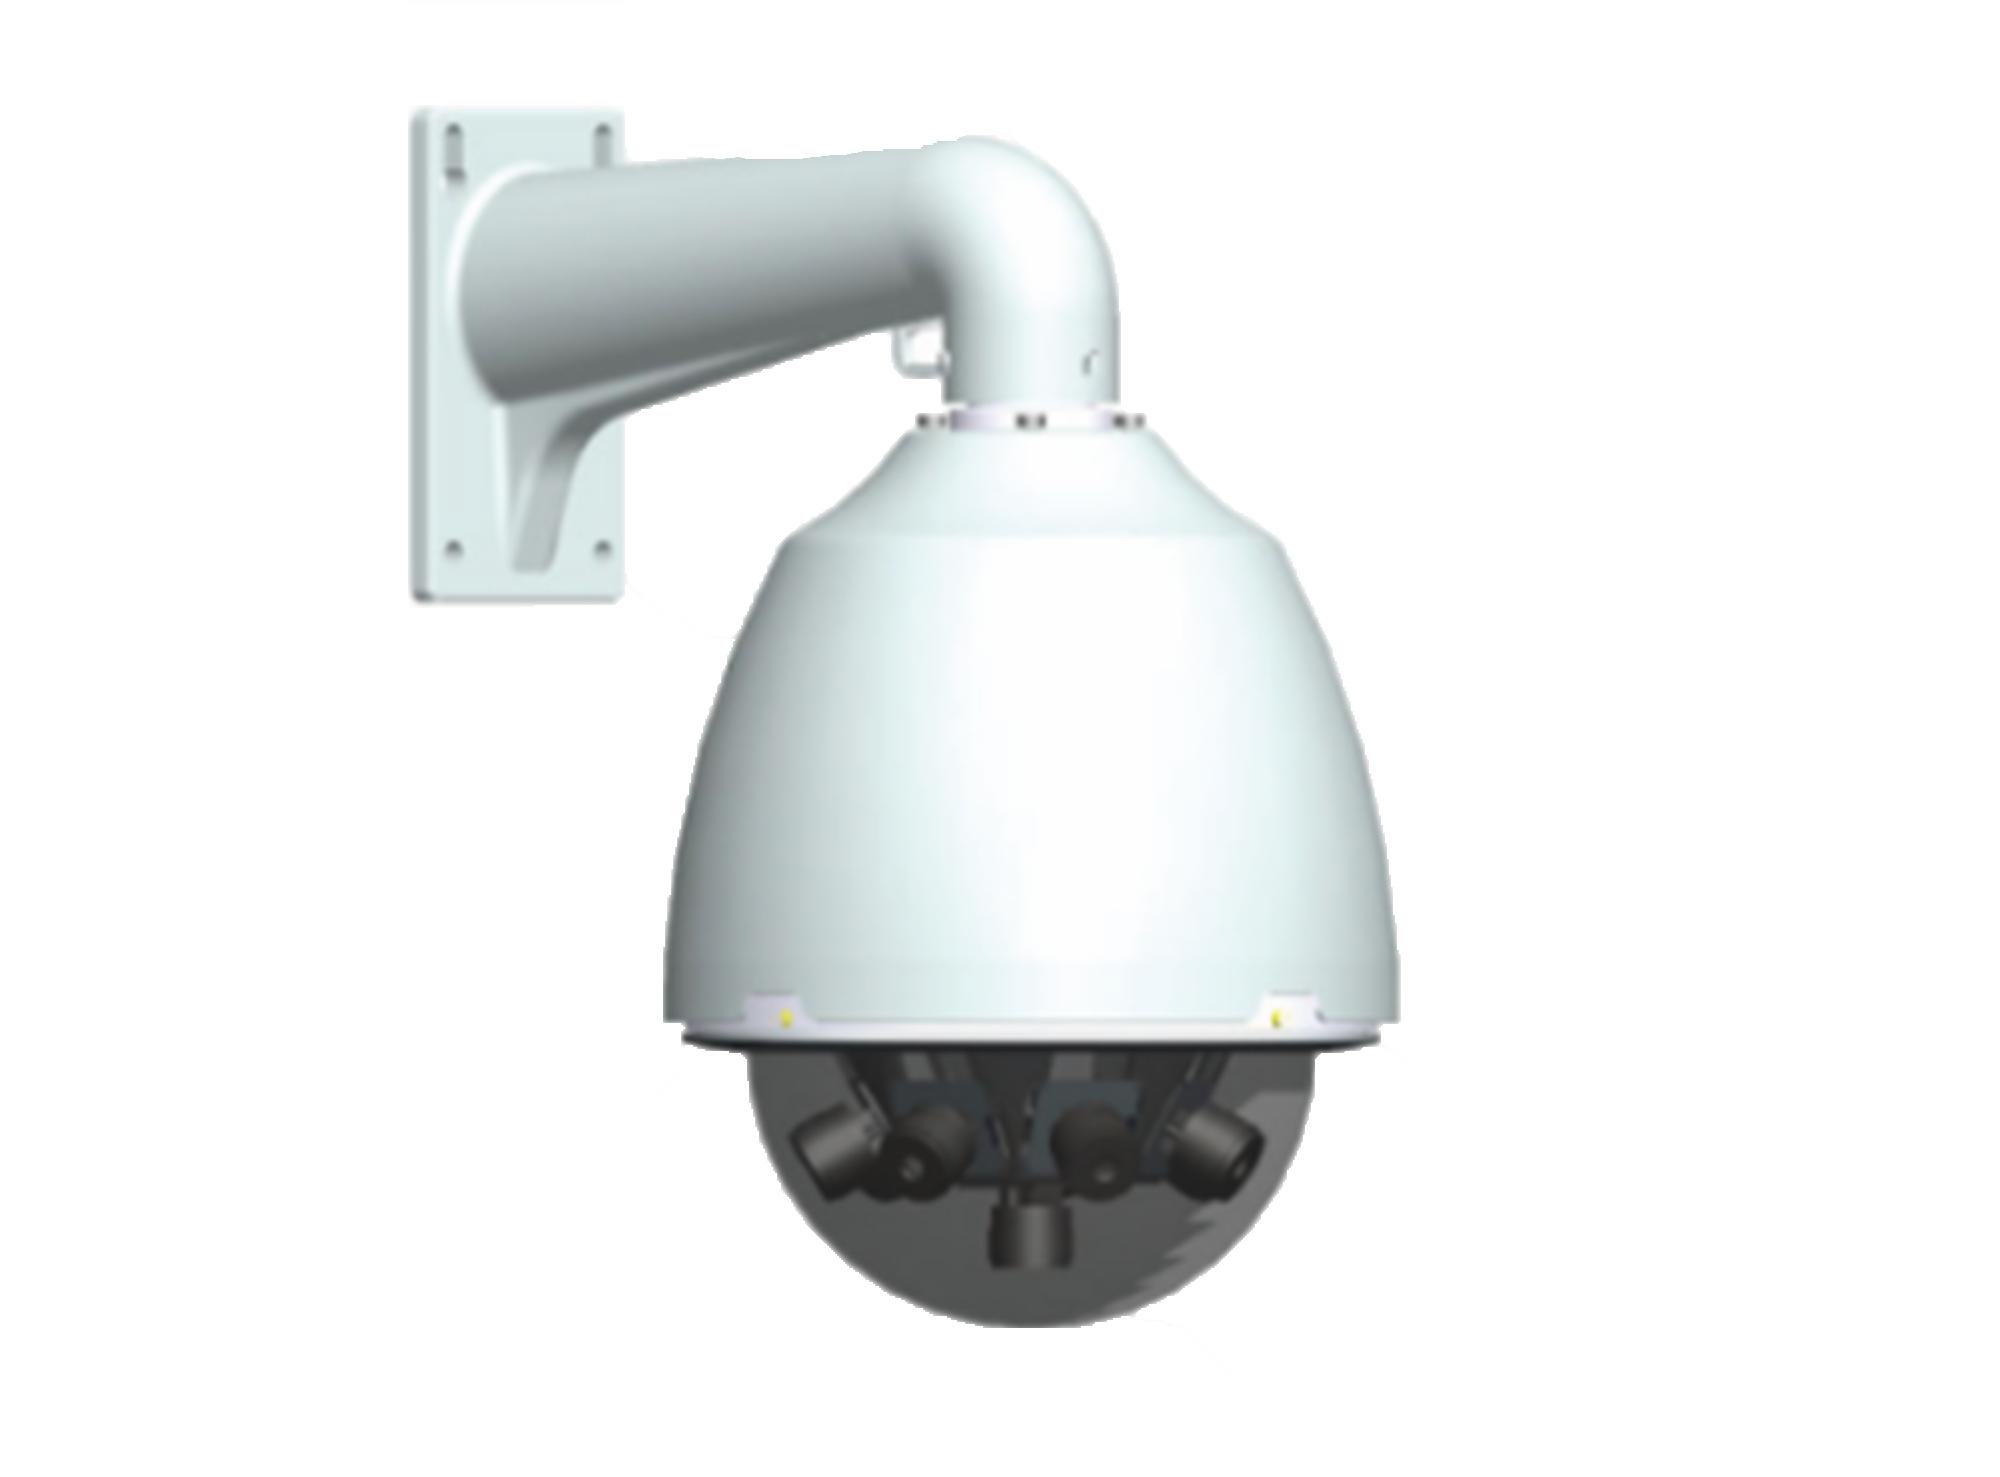 360度高清全景摄像机 PE-H-300-200